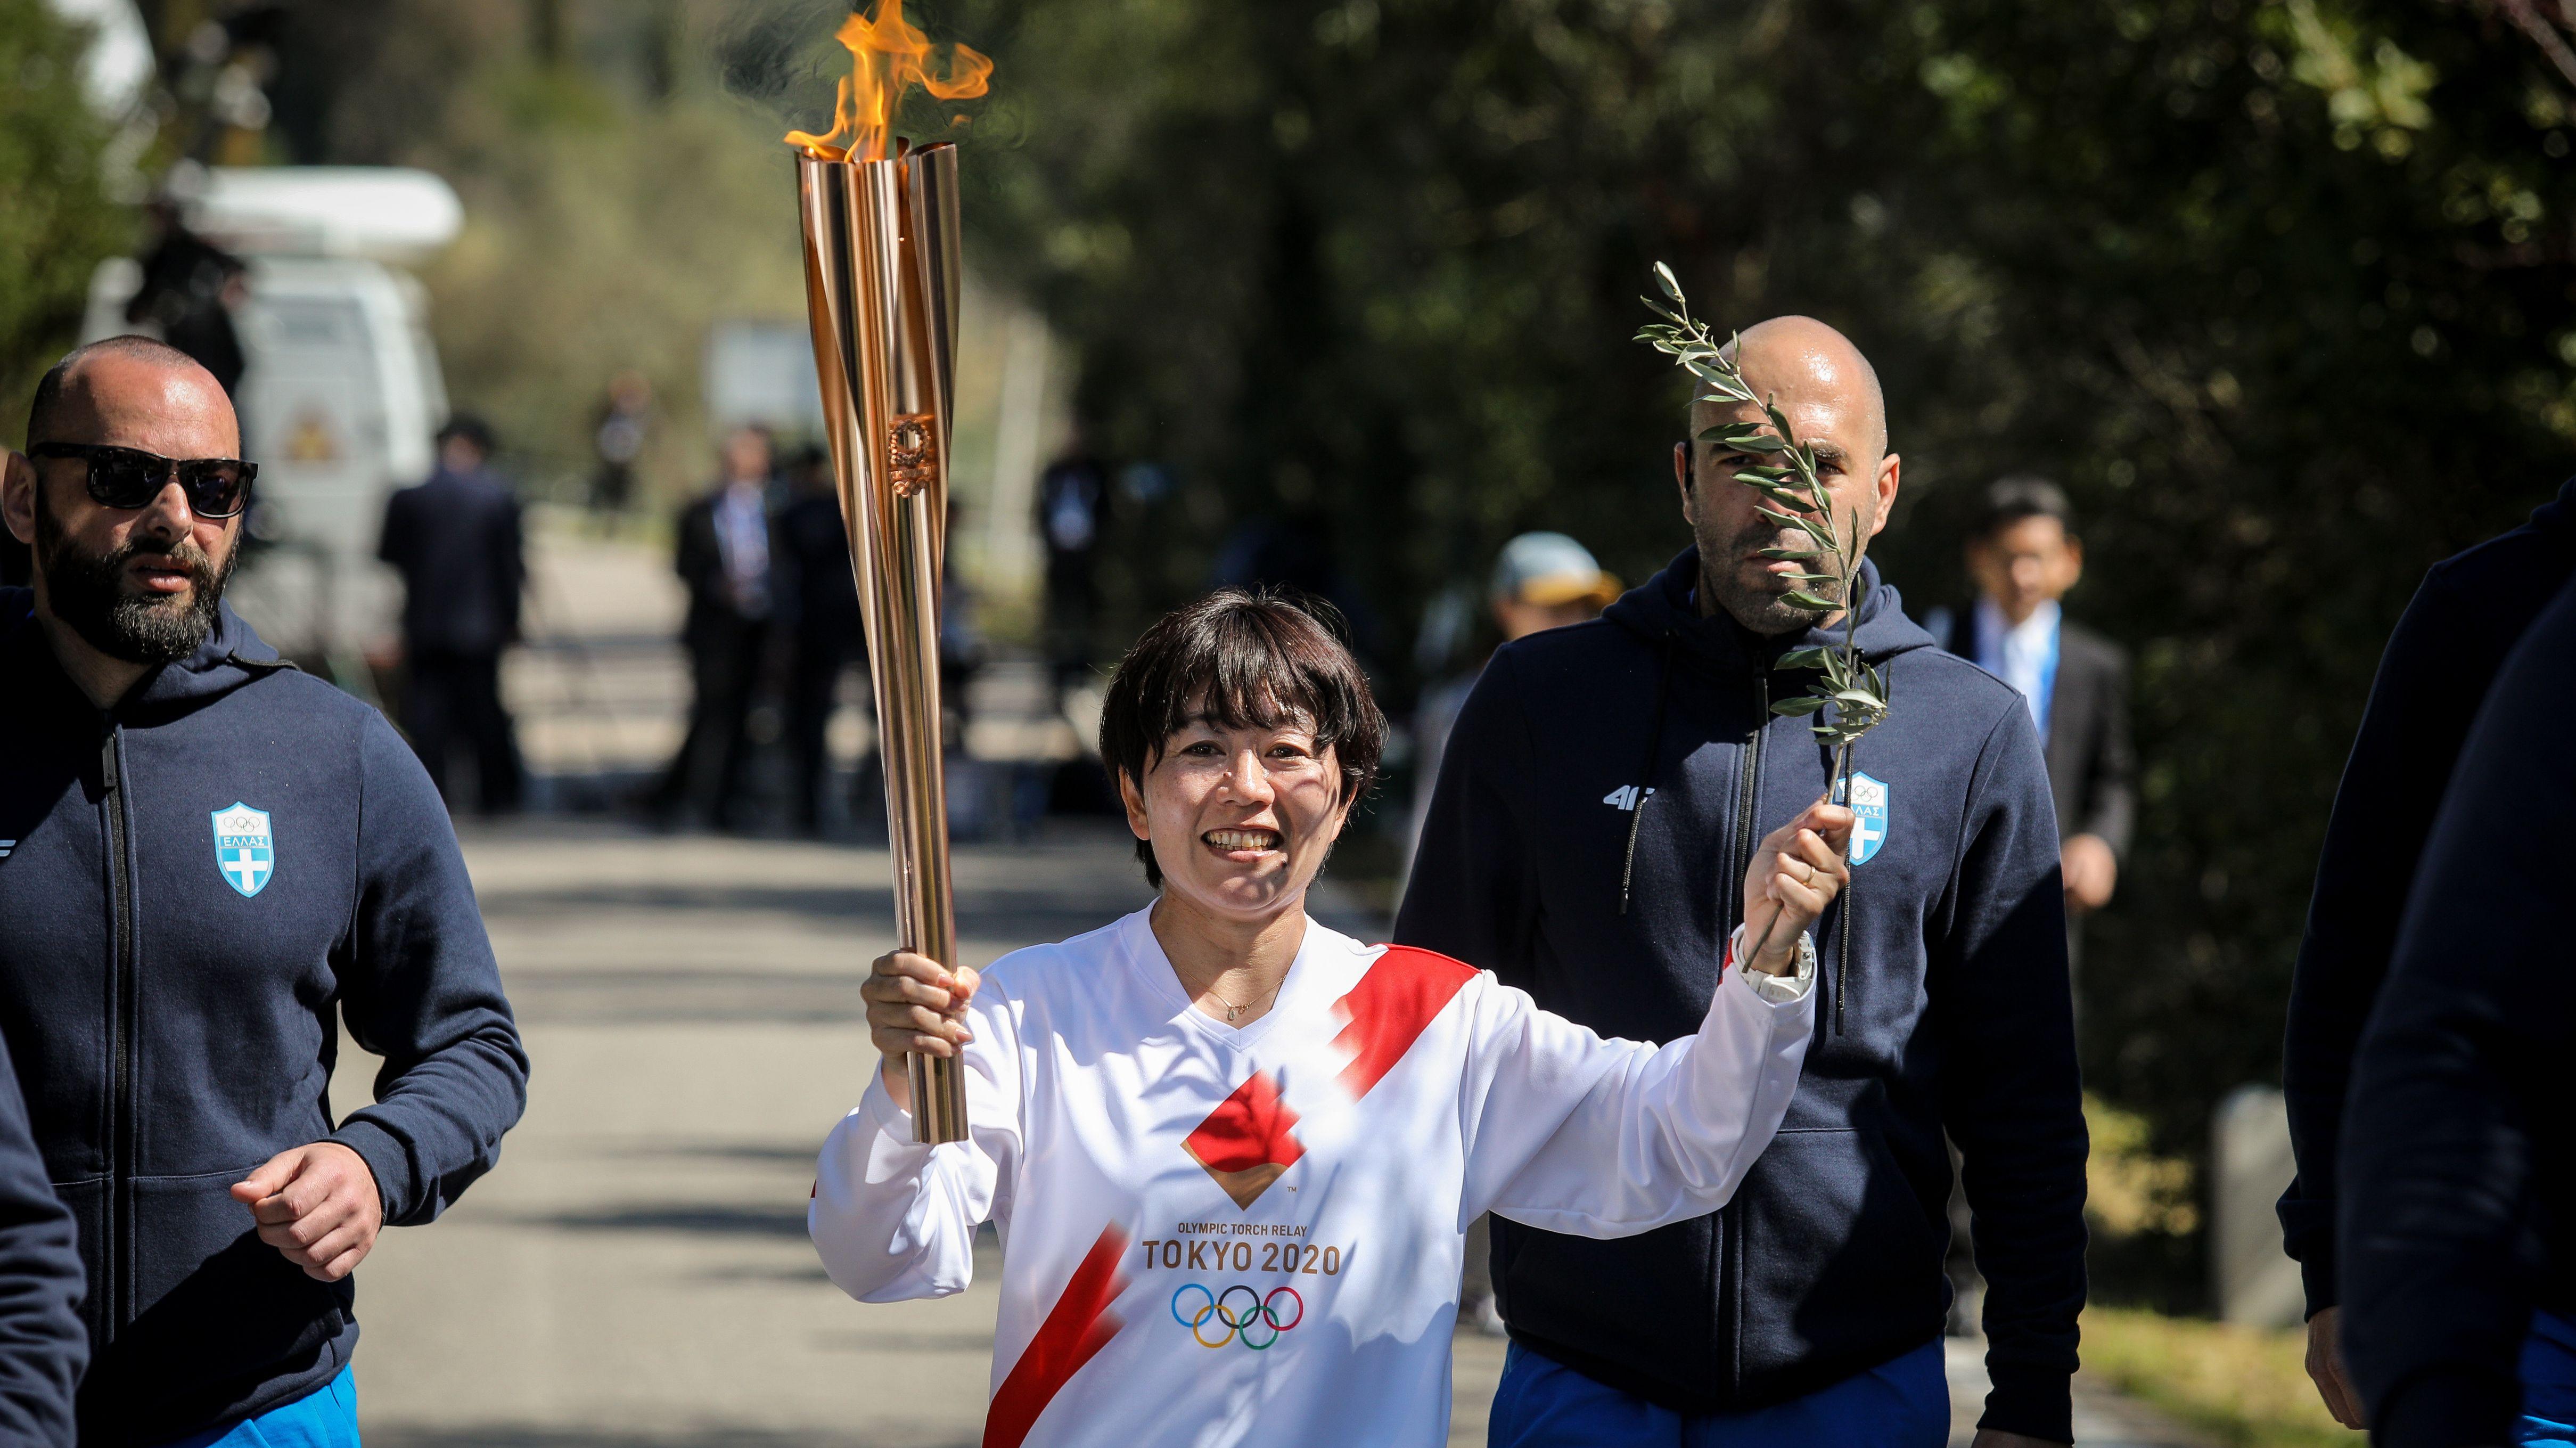 Läuferin nach der Entzündung des olympischen Feuers in Olympia